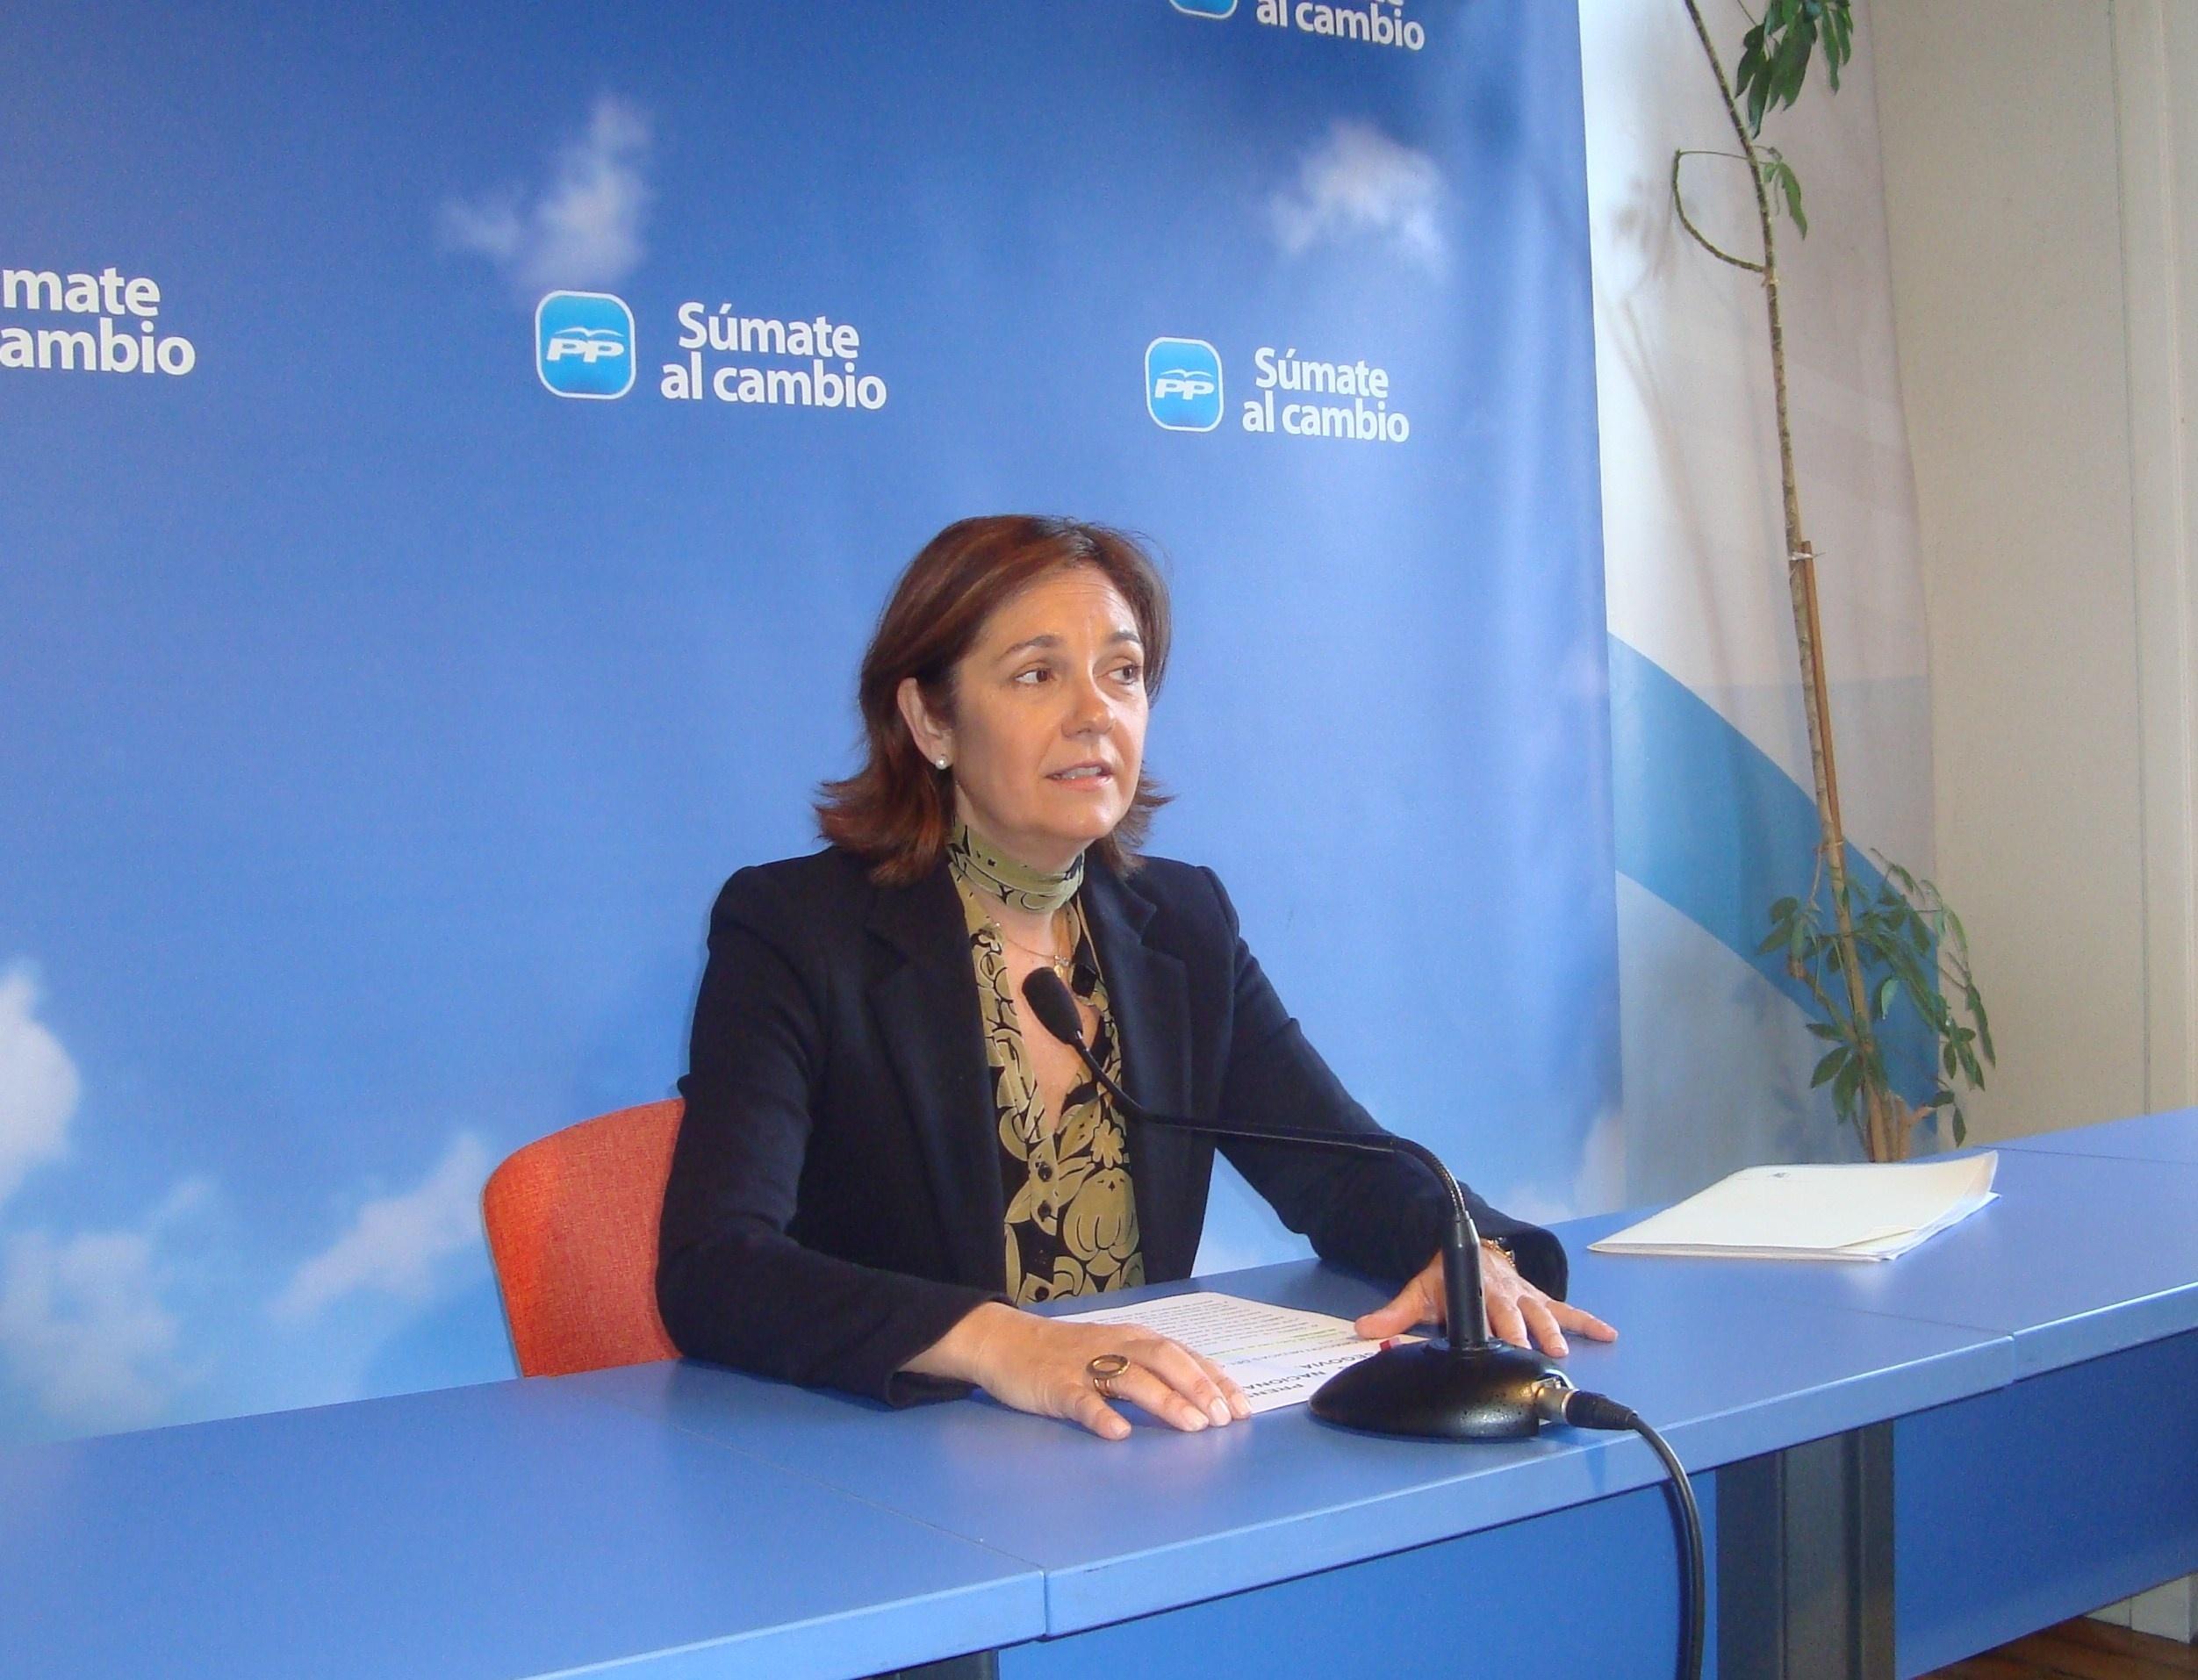 Diputada PP recuerda que usar datos fiscales sin permiso es delito penado con cárcel tras achacarle PSOE un sobresueldo